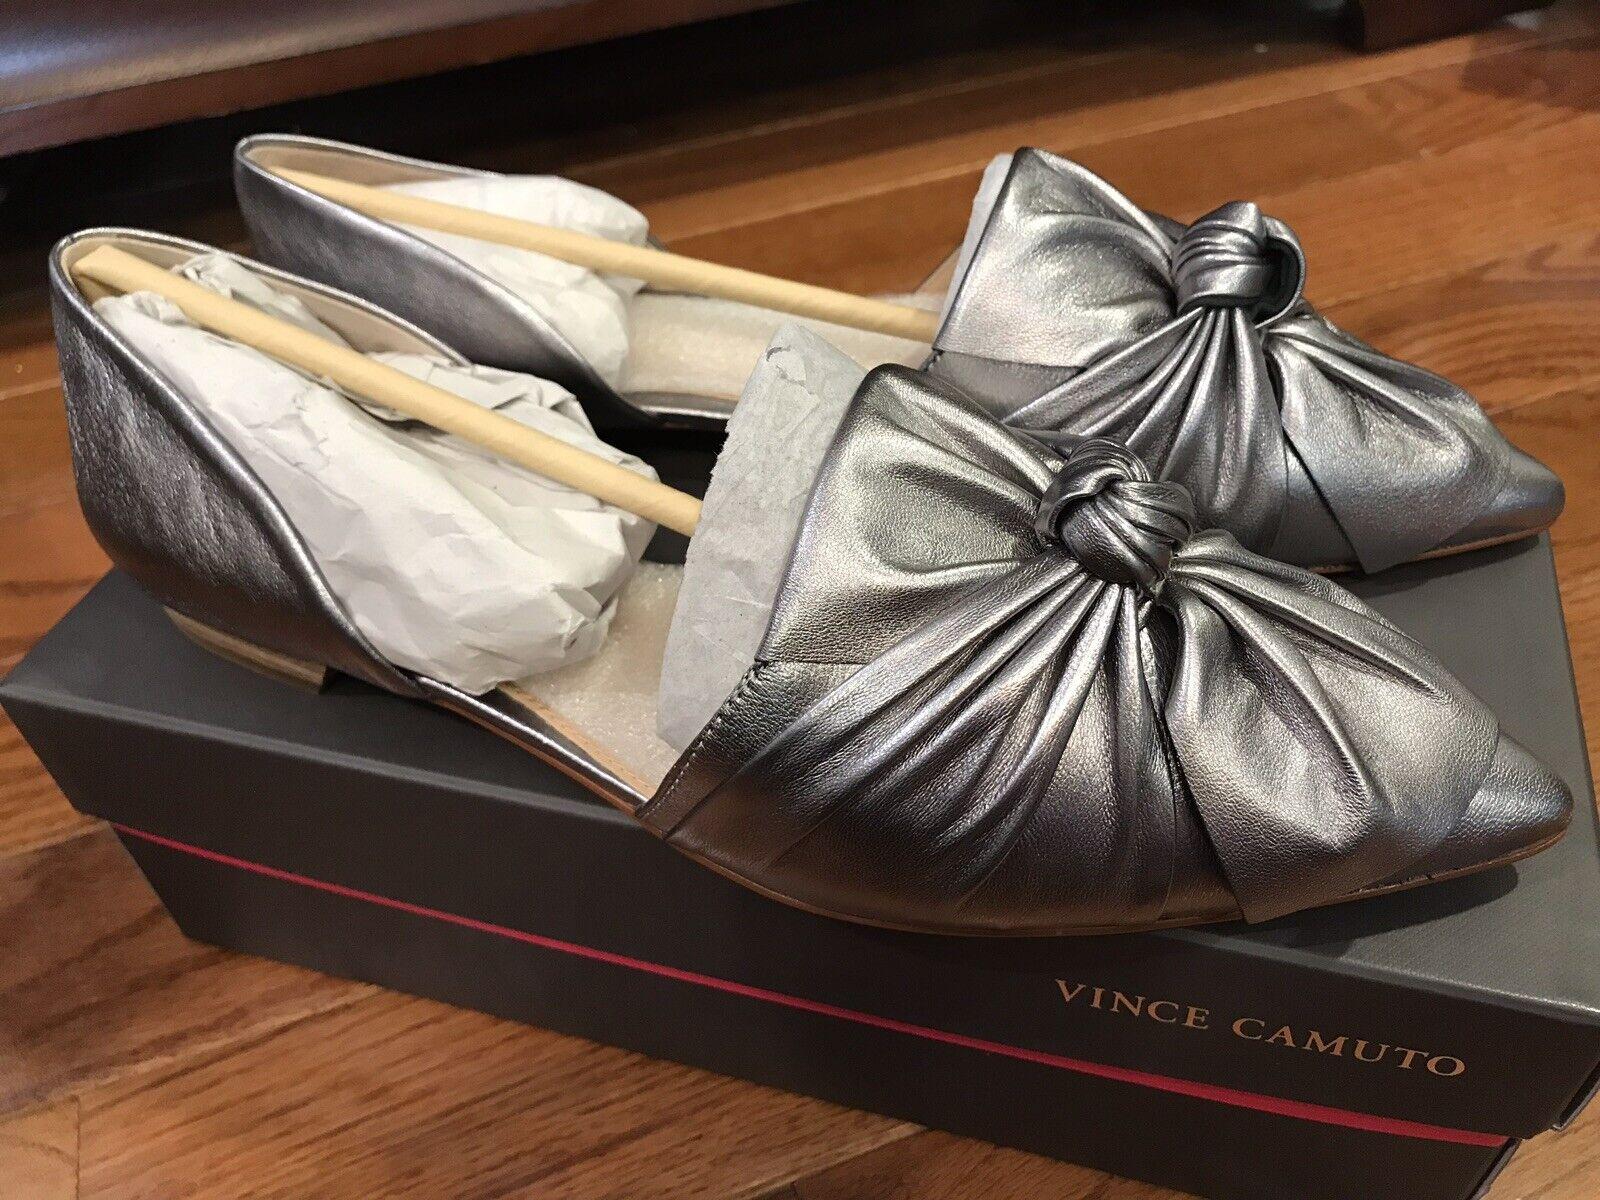 Vince Camuto moressa Bow-Enveloppé Flats Taille 9.5 M étain métallique NOUVEAU  180